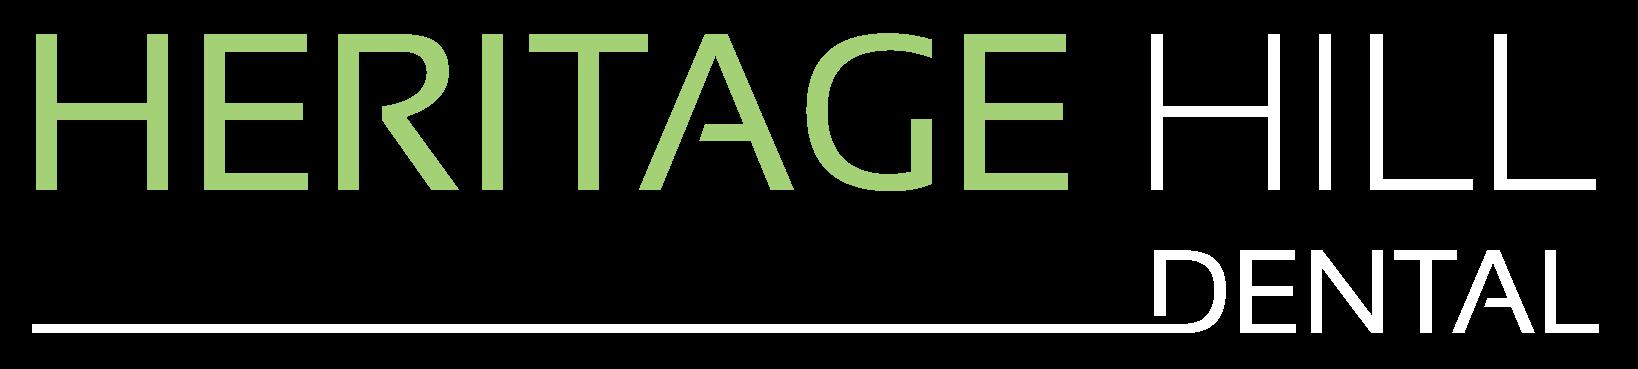 Heritage Hill Dental_Header Logo